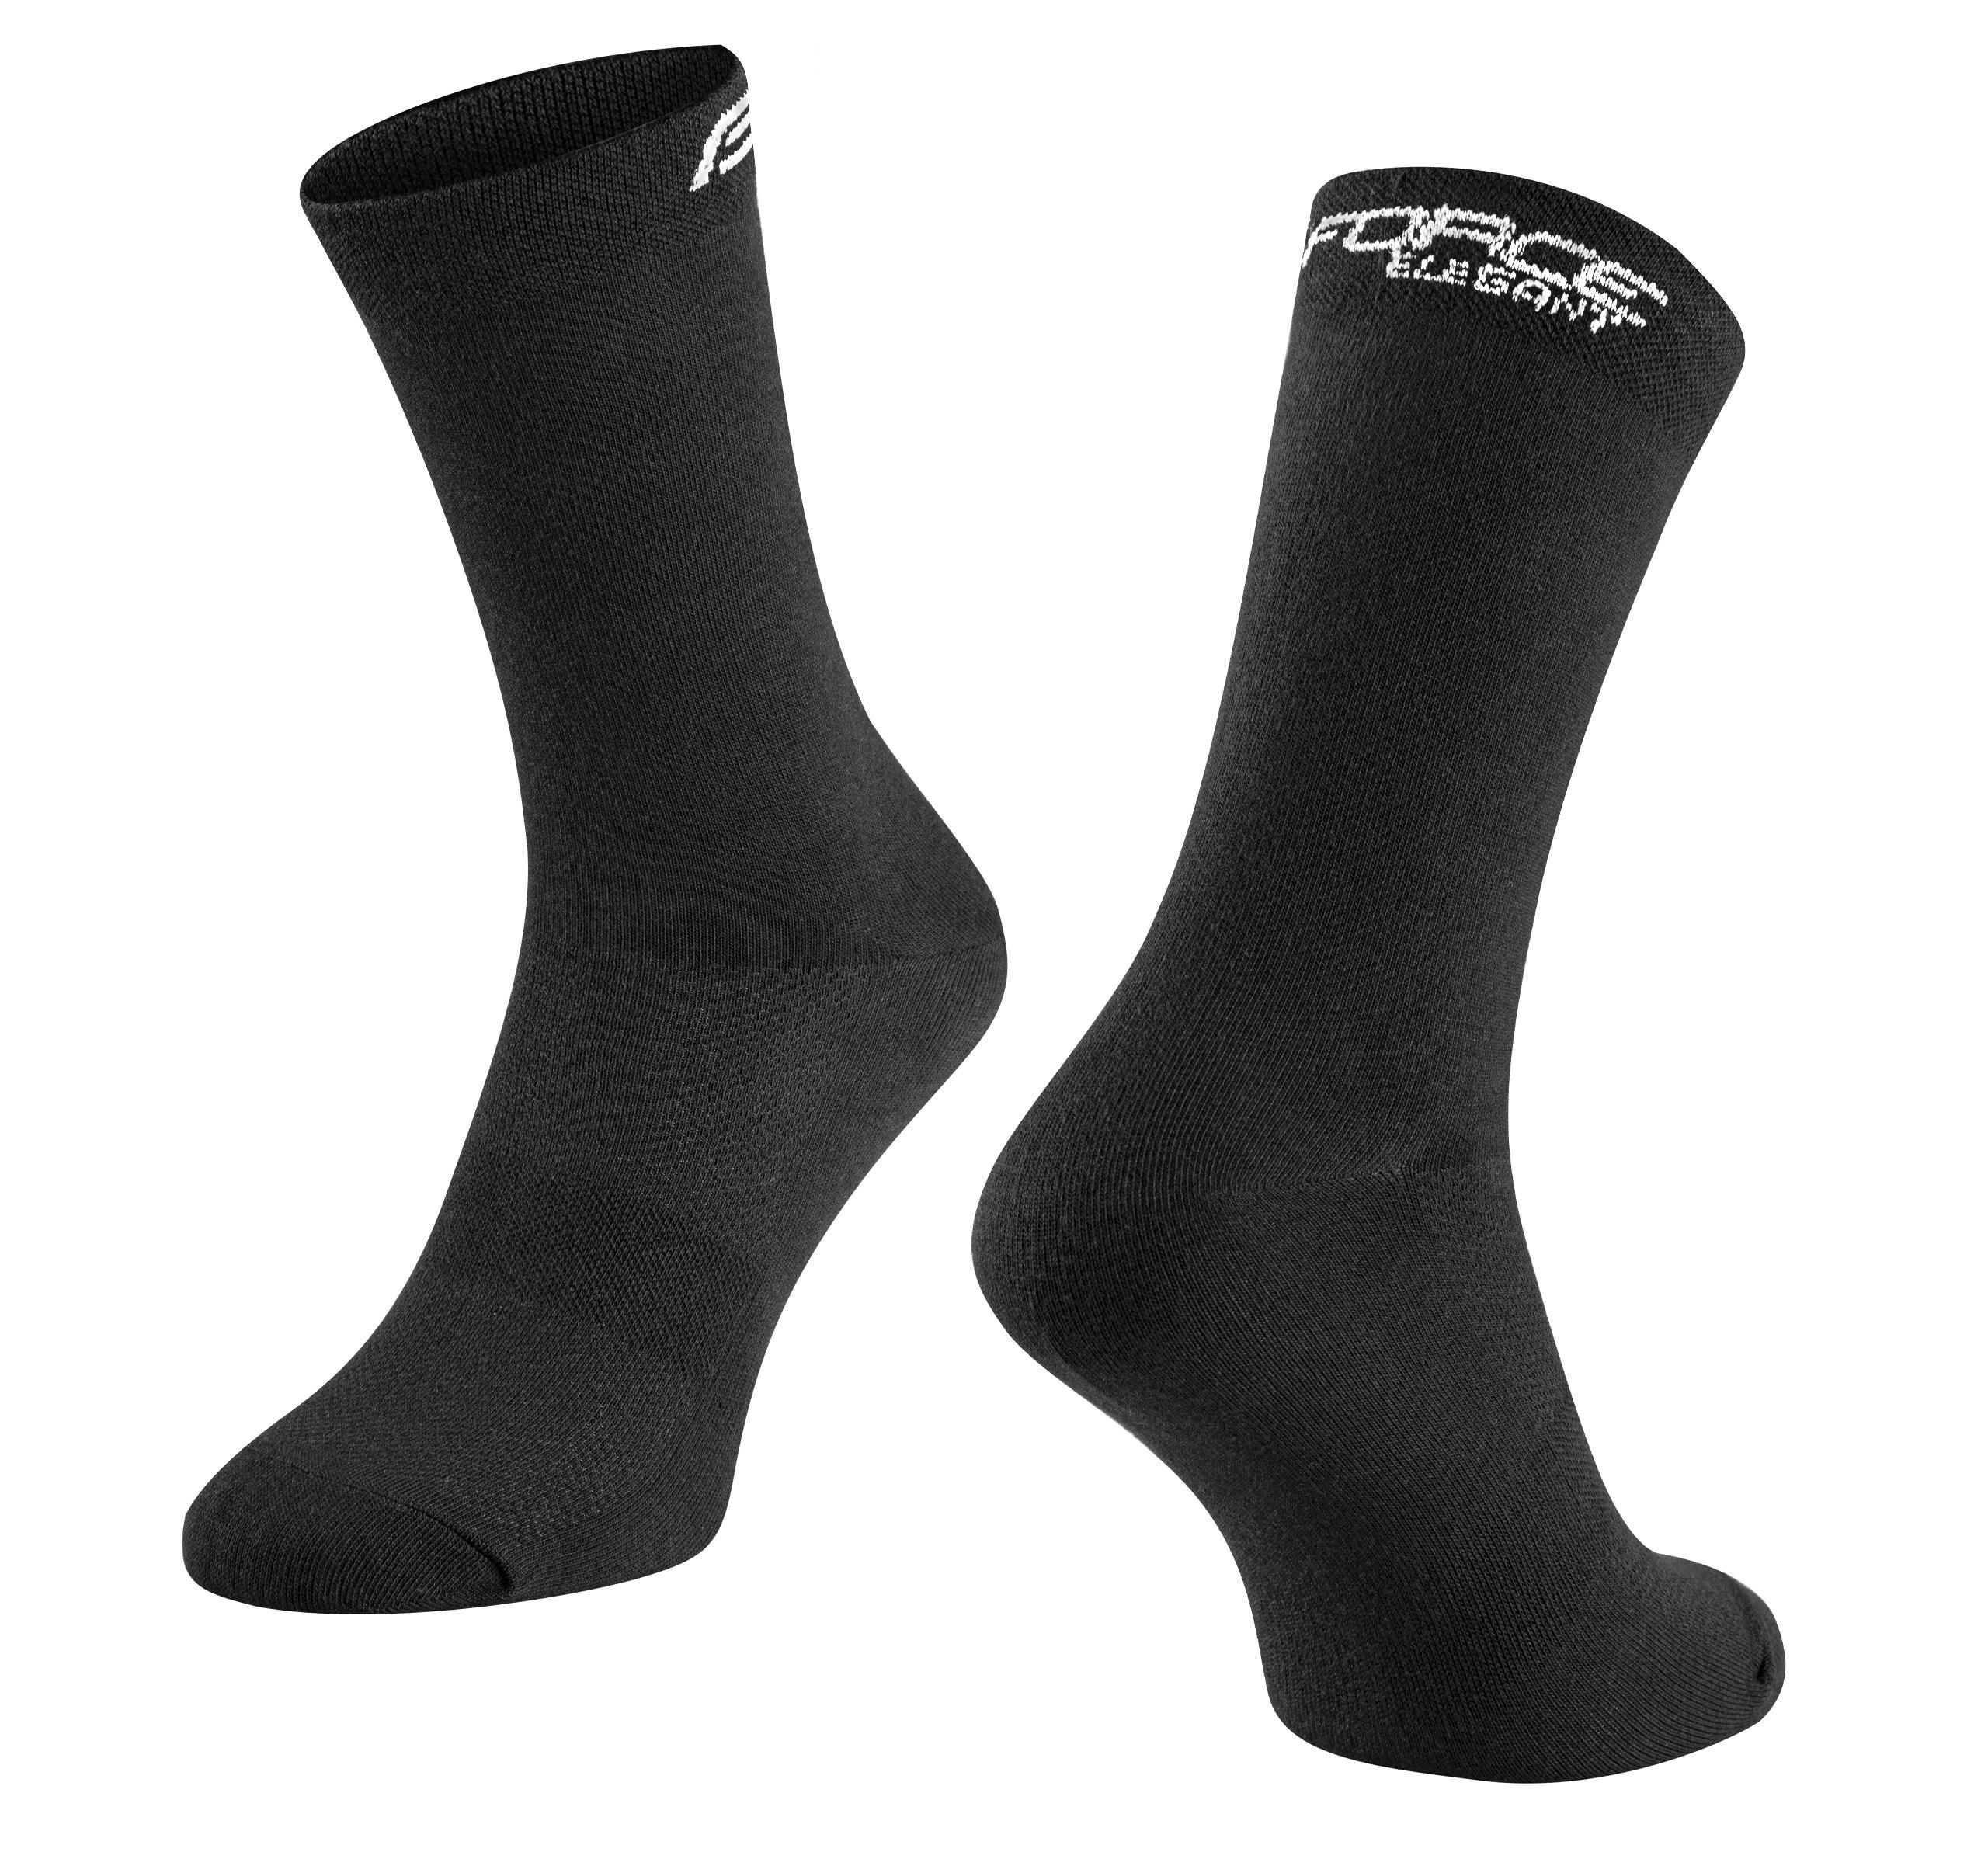 ponožky FORCE ELEGANT vysoké, černé S-M/36-41